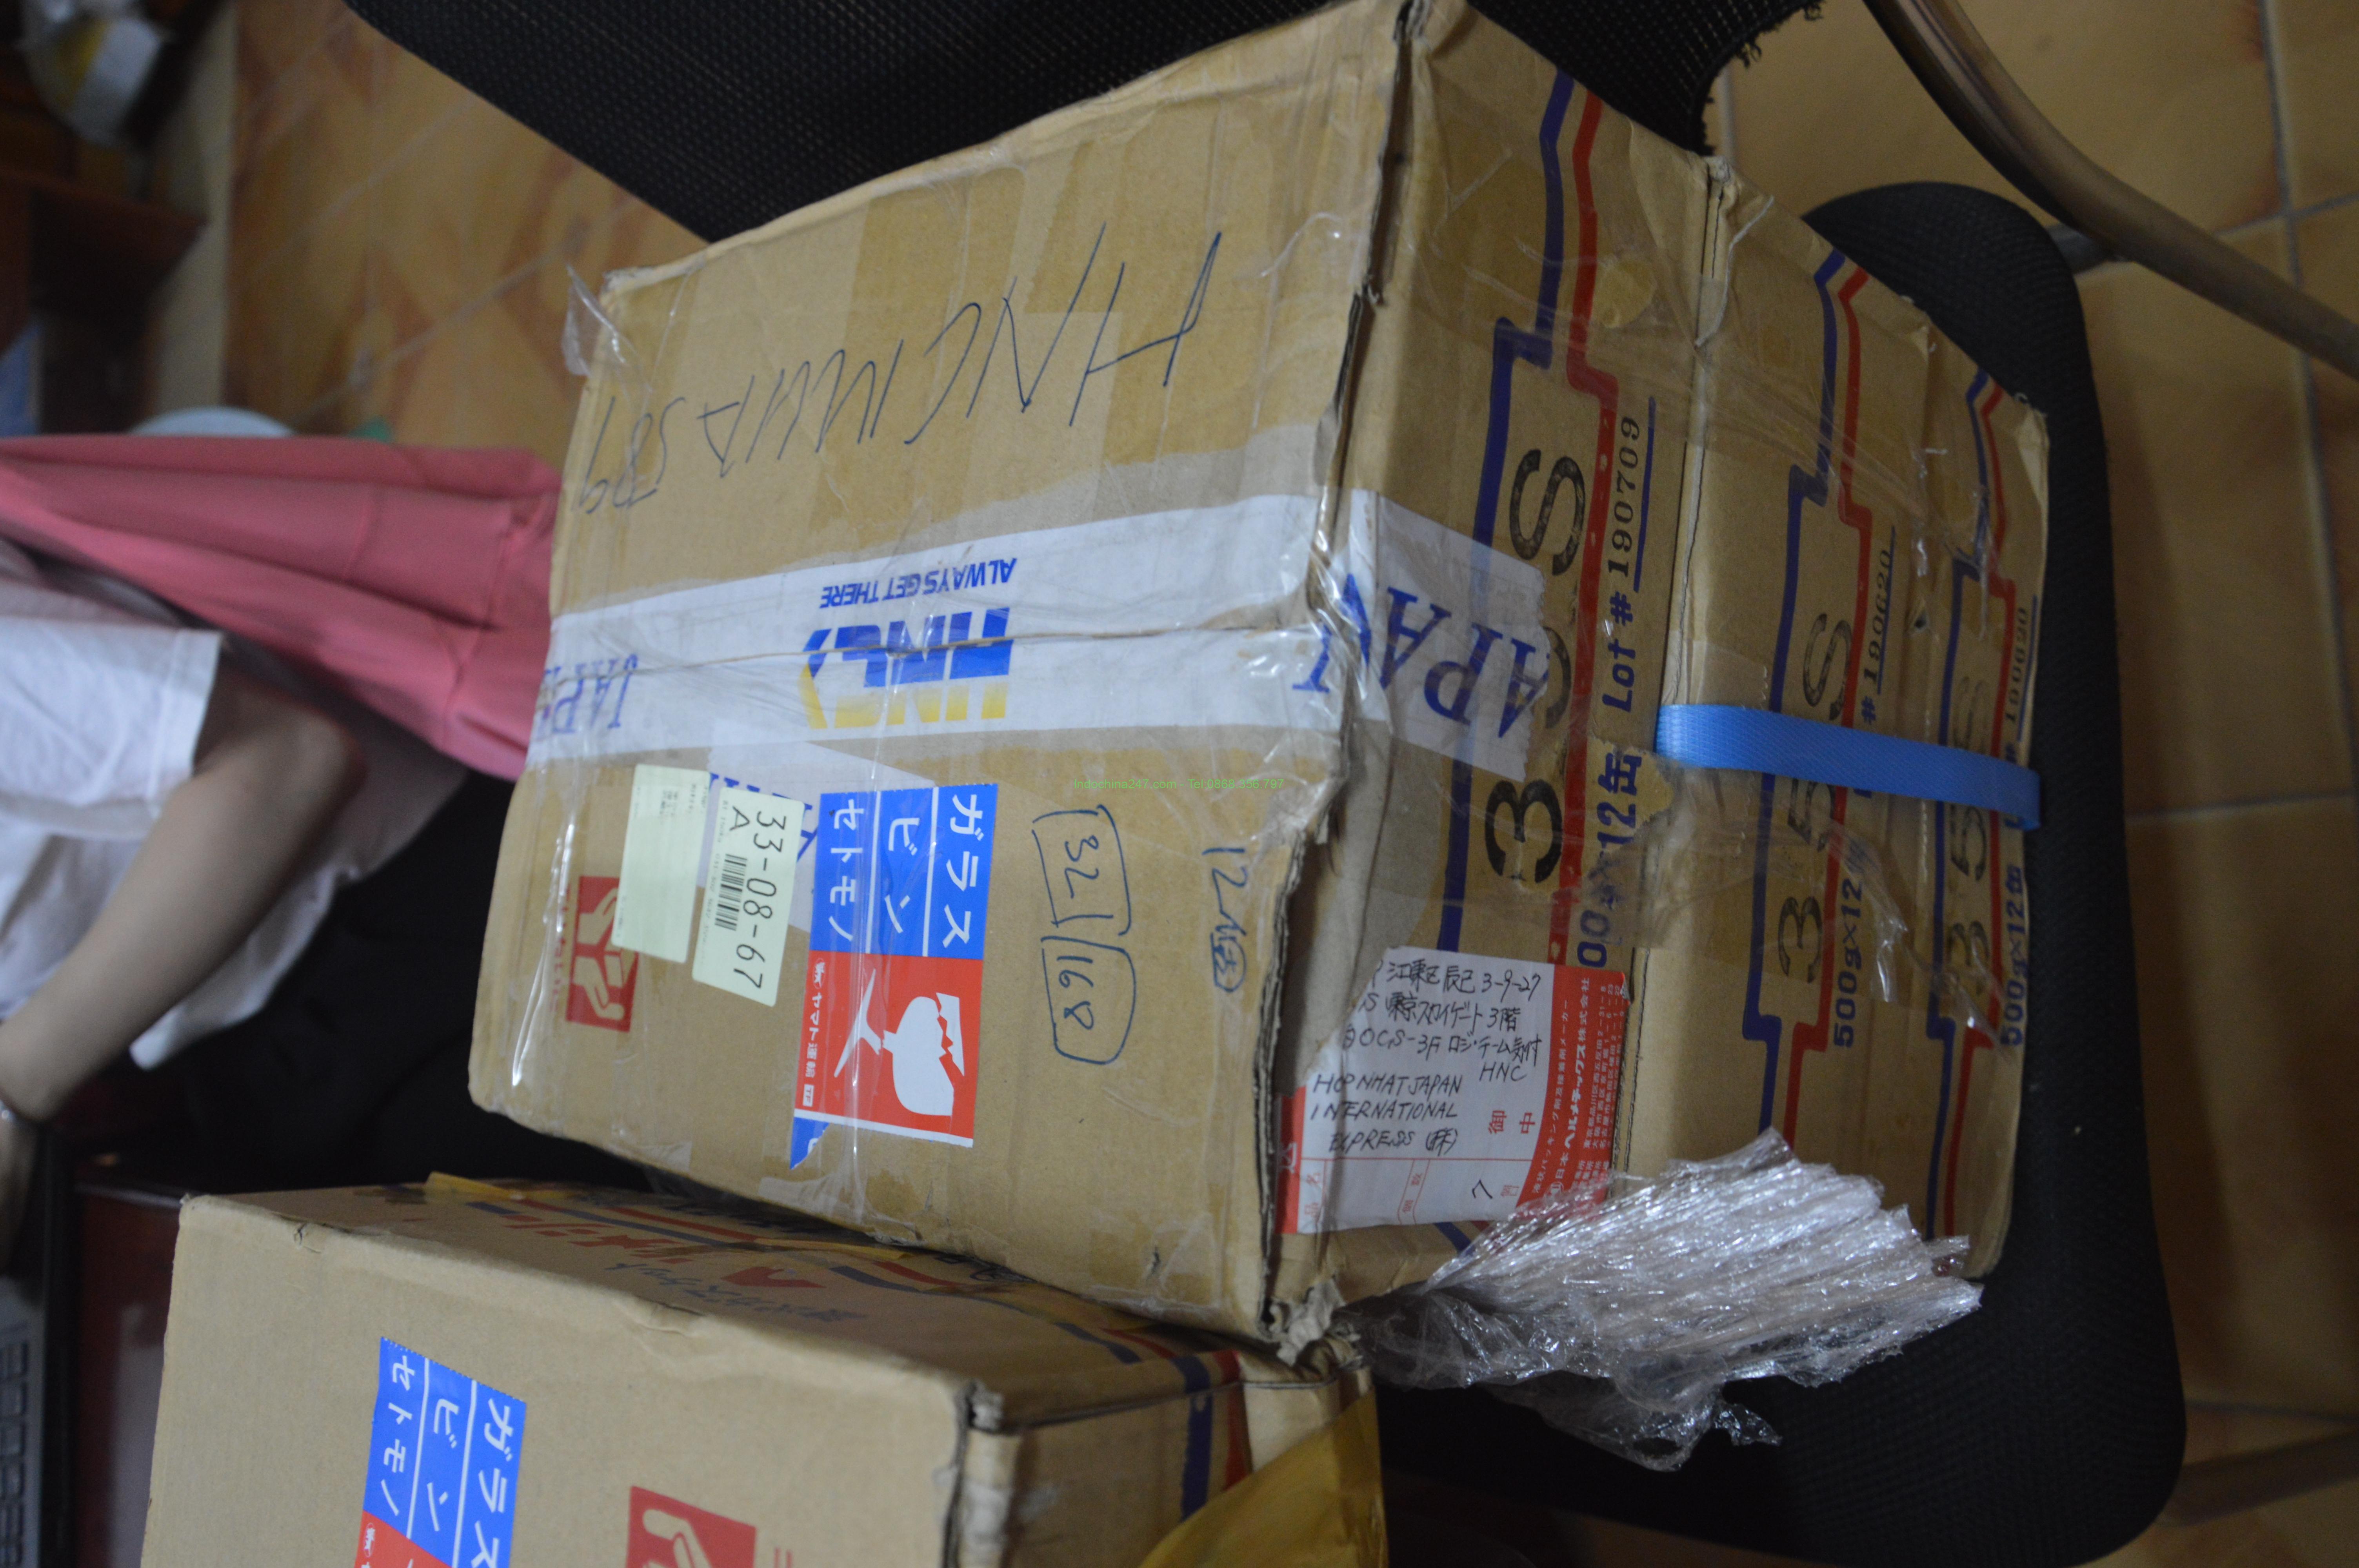 Chuyên order ship vận chuyển hàng xách tay từ Hàn Quốc và Mỹ về Tp Hồ Chí Minh giá rẻ